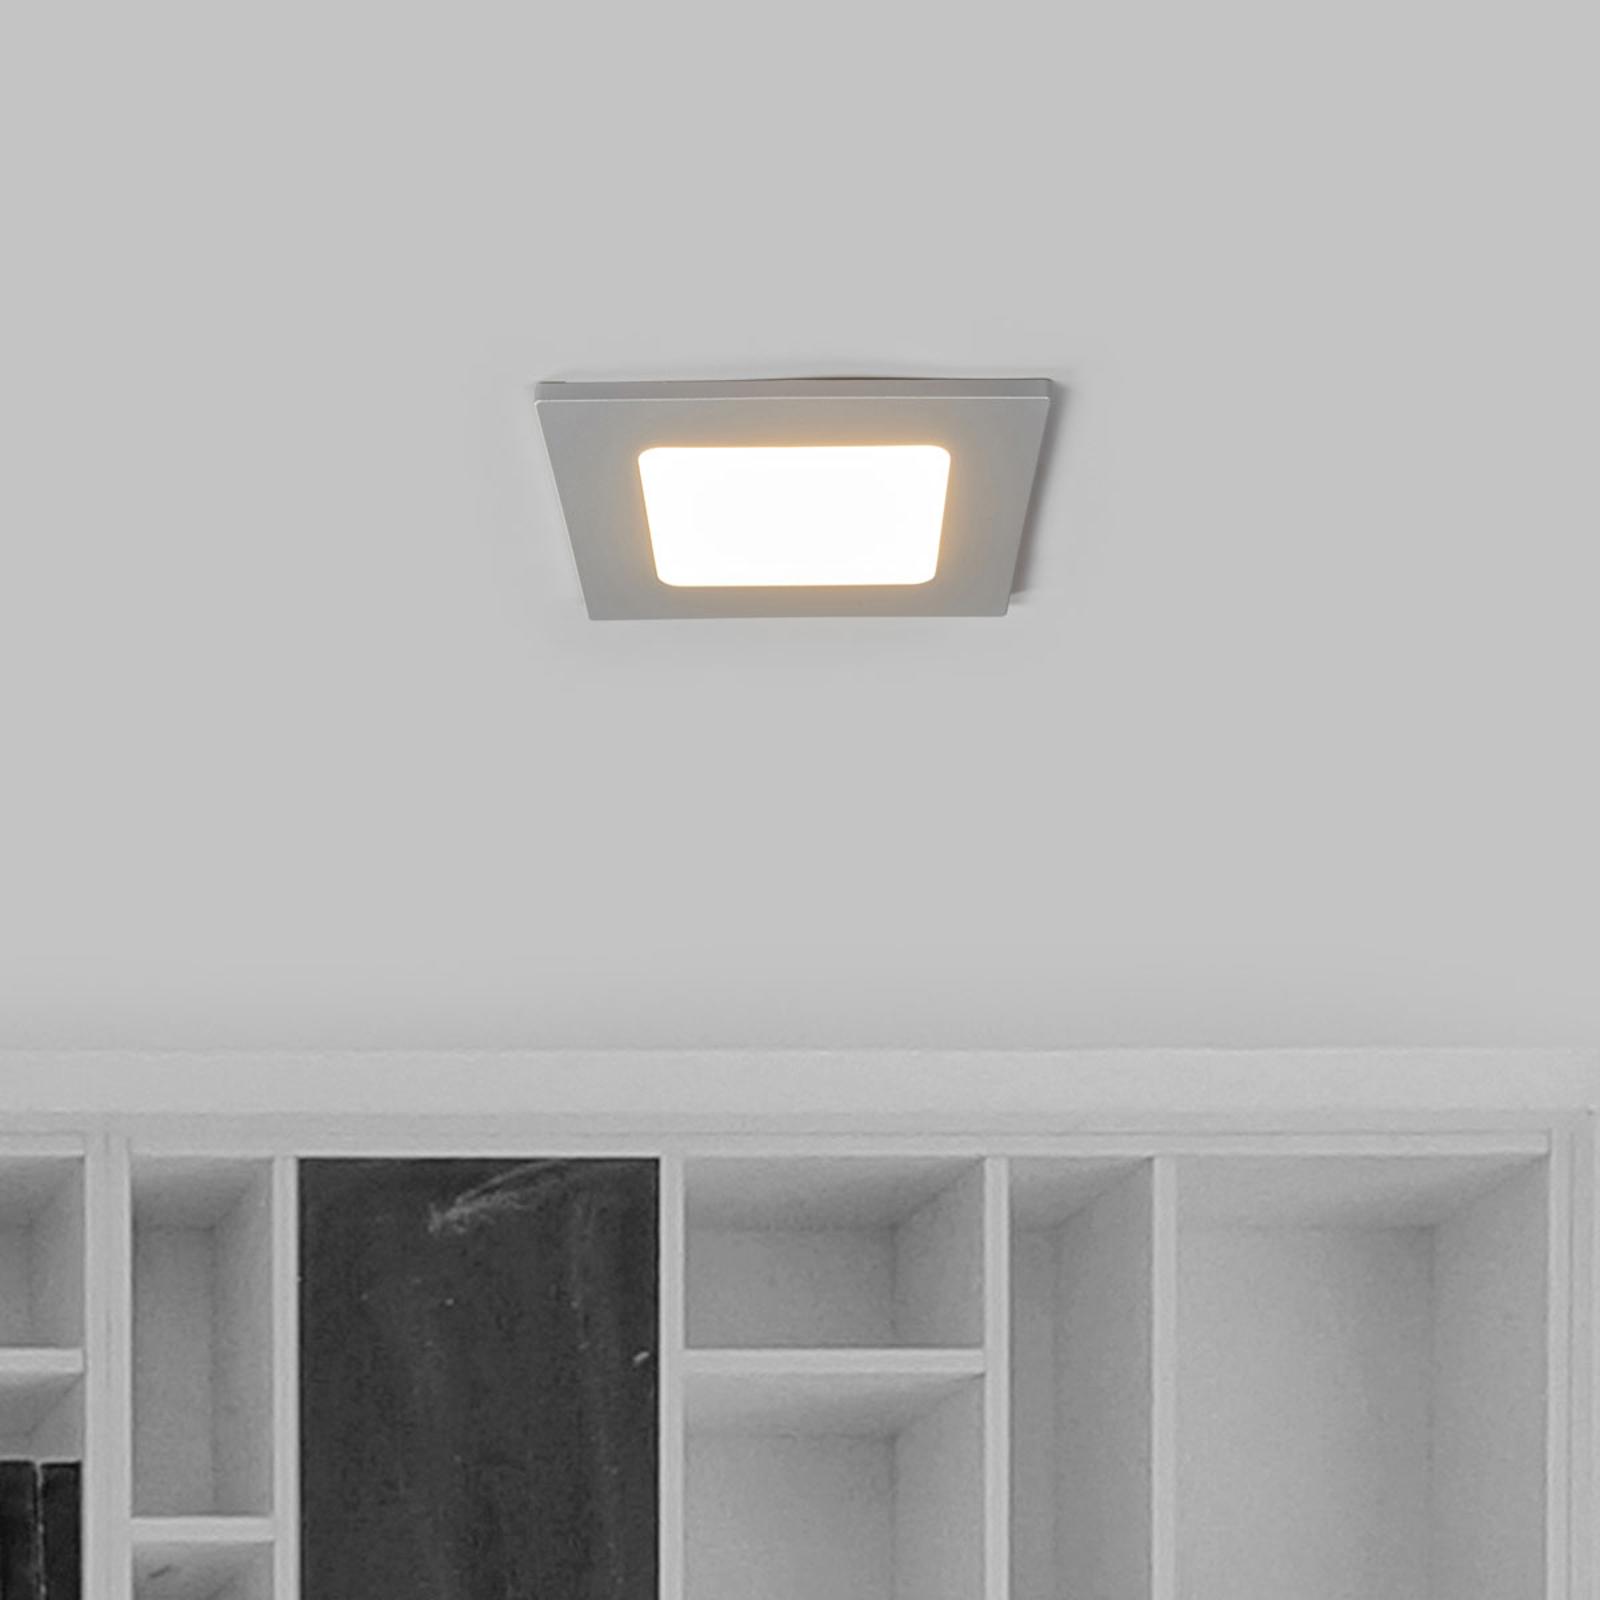 Joki LED-indbygningsspot sølv 3000K kantet 11,5cm